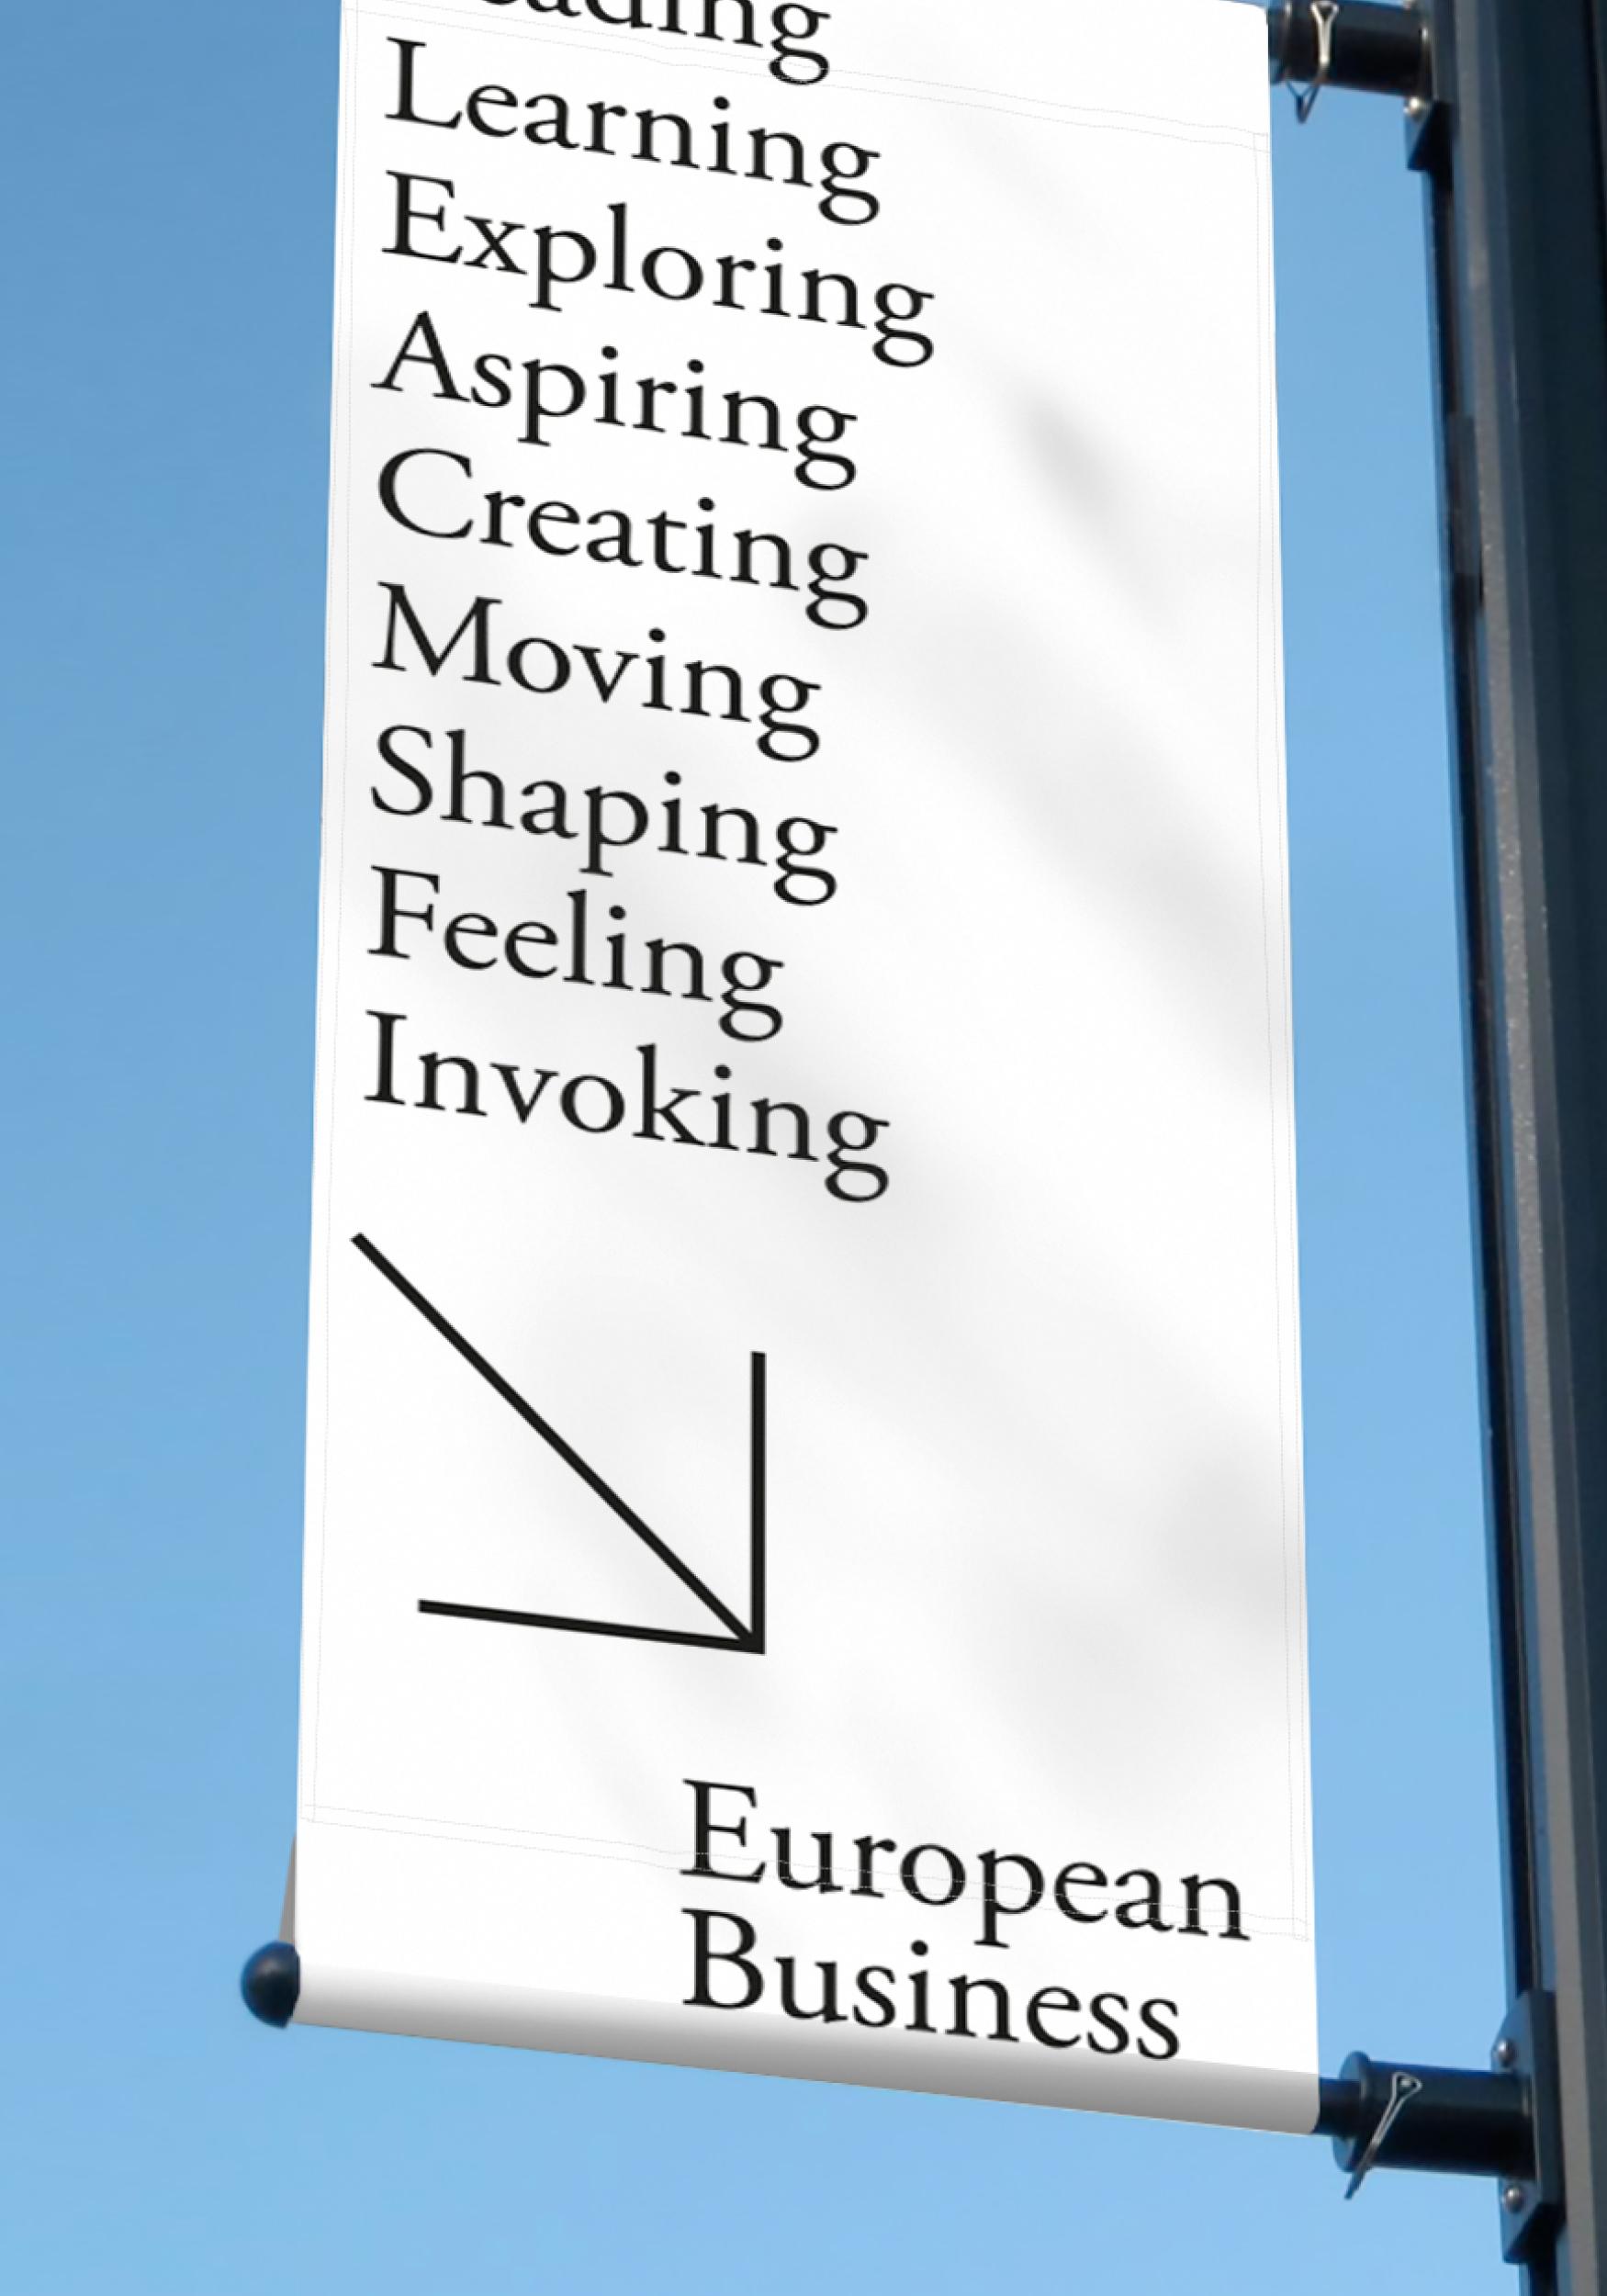 kevin-kremer_branding_european-business_9.jpg